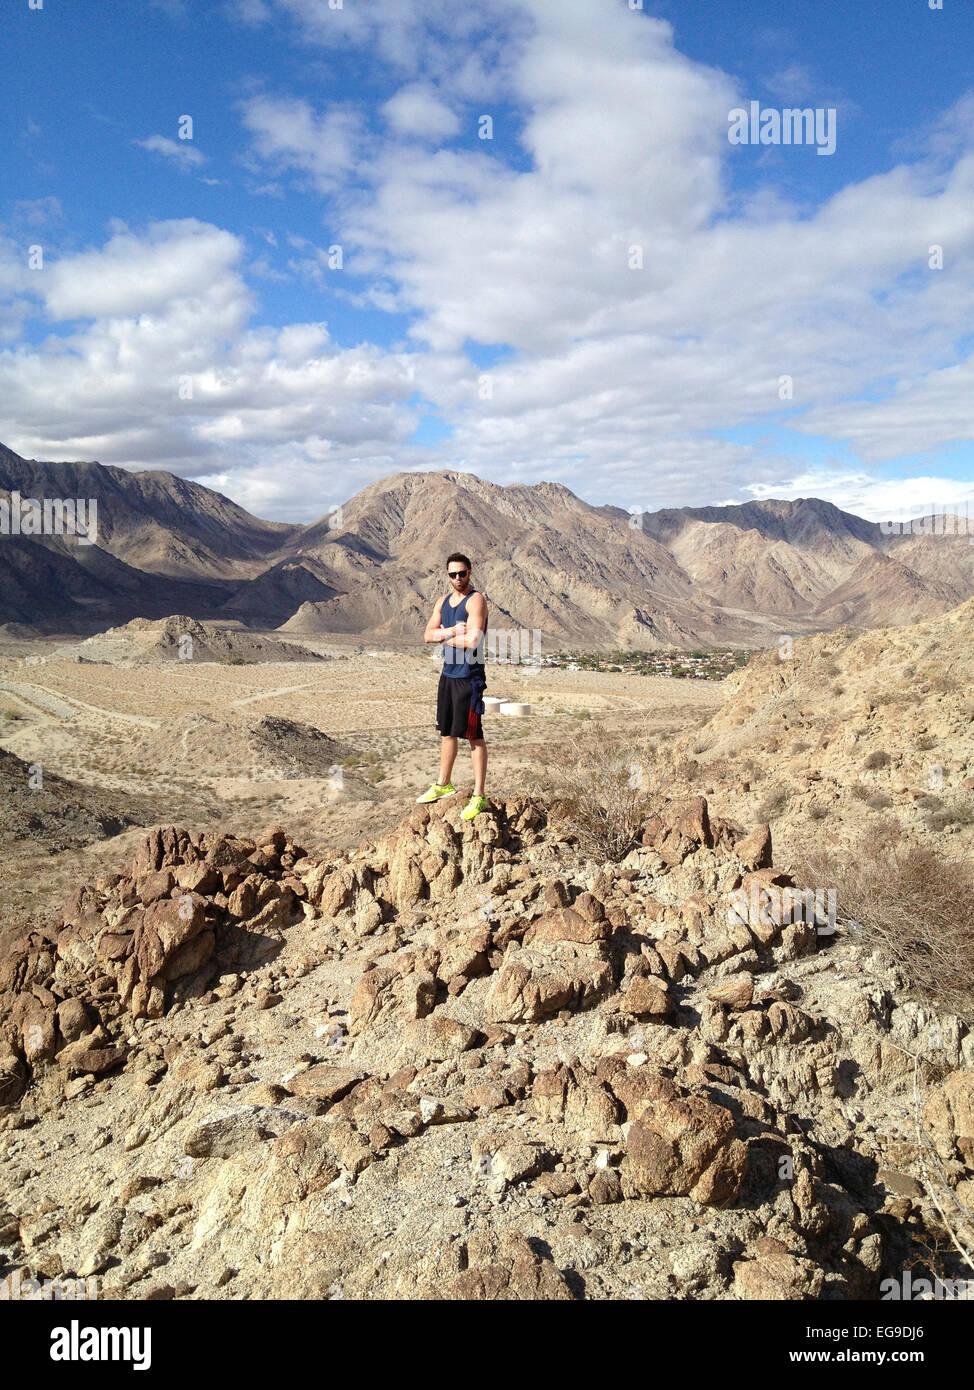 El hombre en la montaña con vistas valle abajo Foto de stock